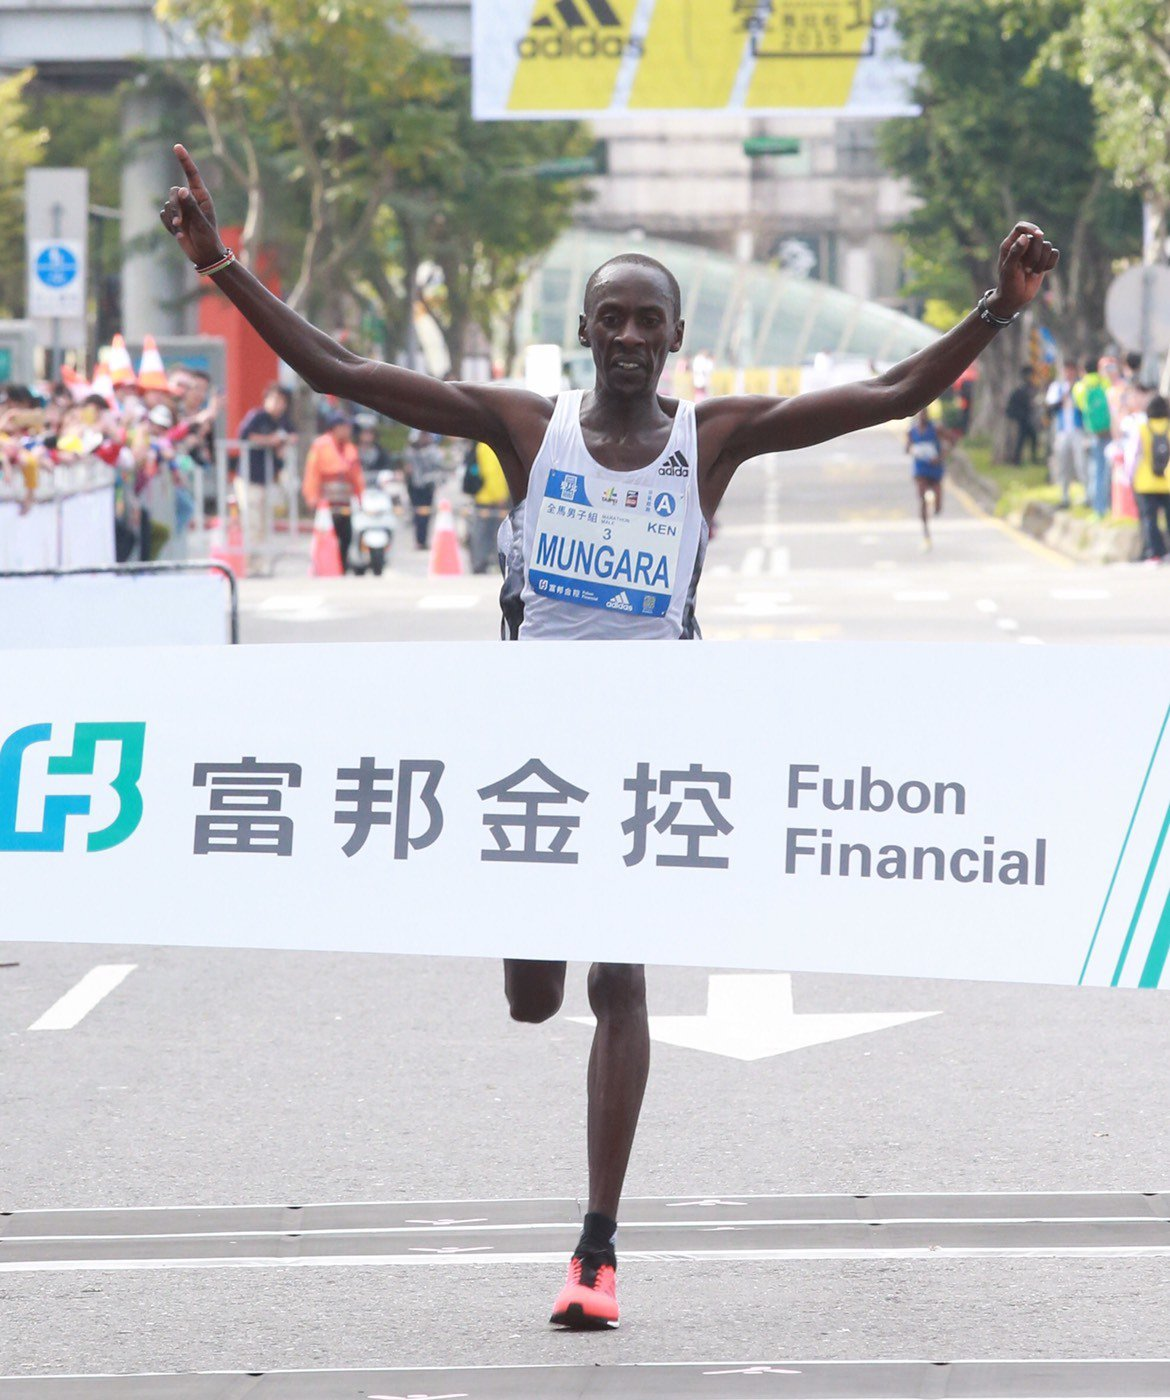 肯亞跑者蒙格拉首度參加台北馬拉松就收穫冠軍。記者黃義書/攝影